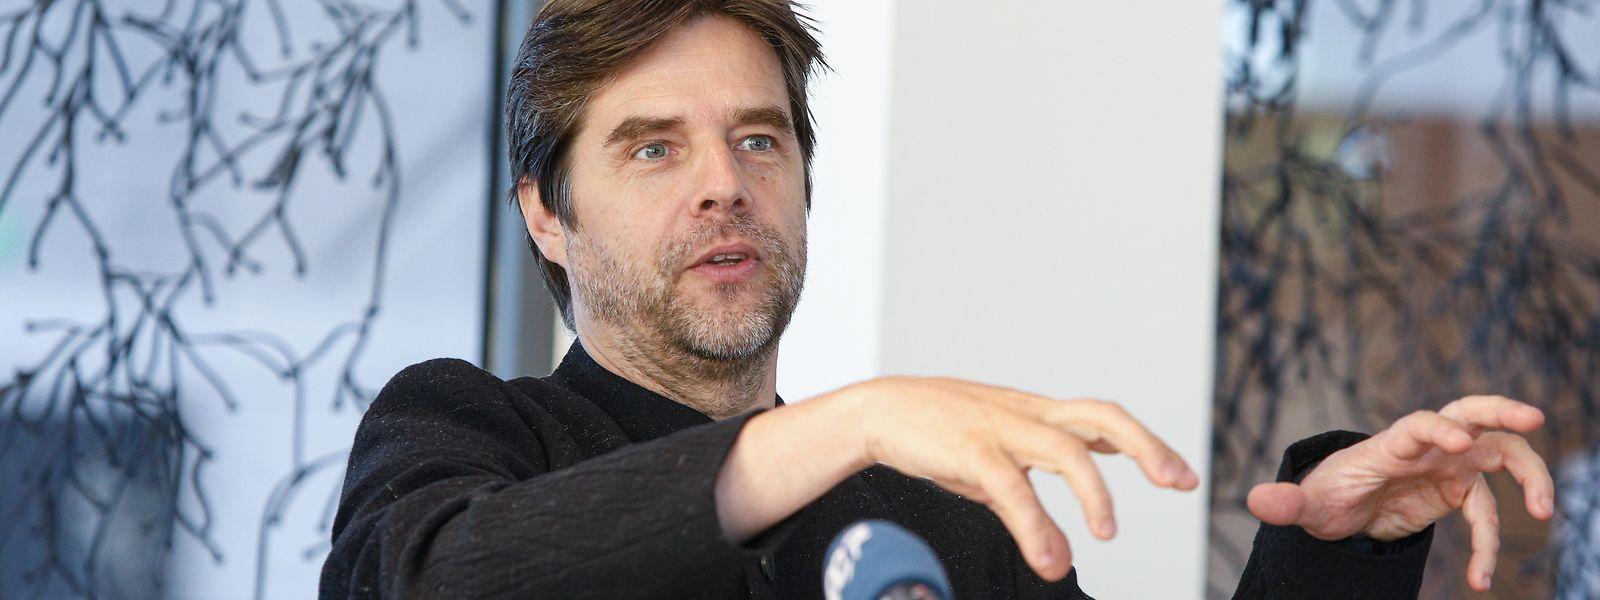 Le chef allemand Christophe König restera en poste au Luxembourg au moins jusqu'en 2025 tout en prenant ses nouvelles fonctions en Espagne dès le début de la saison 2022-23.